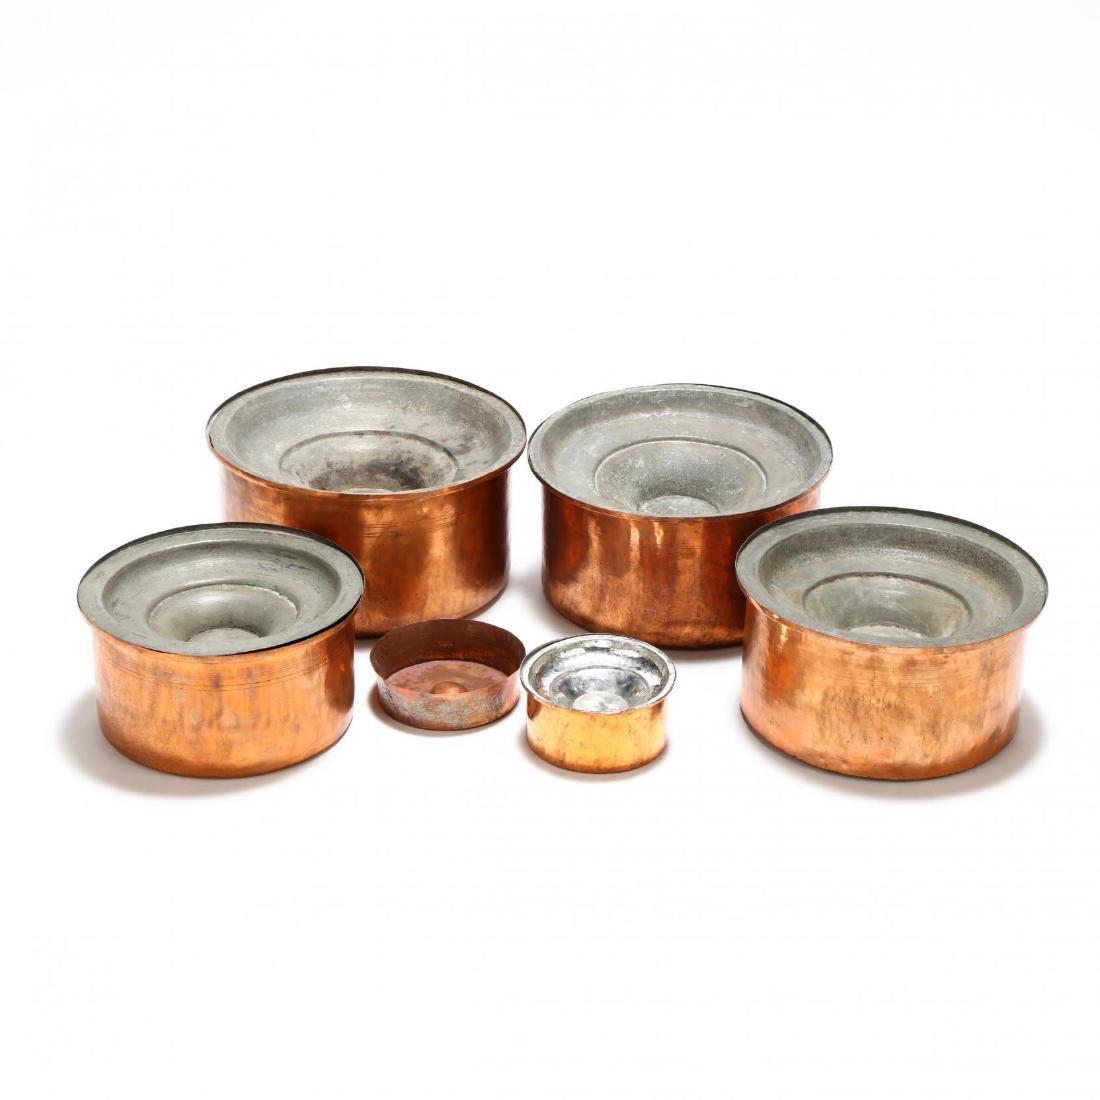 Five Graduated Copper Stock Pots - 3